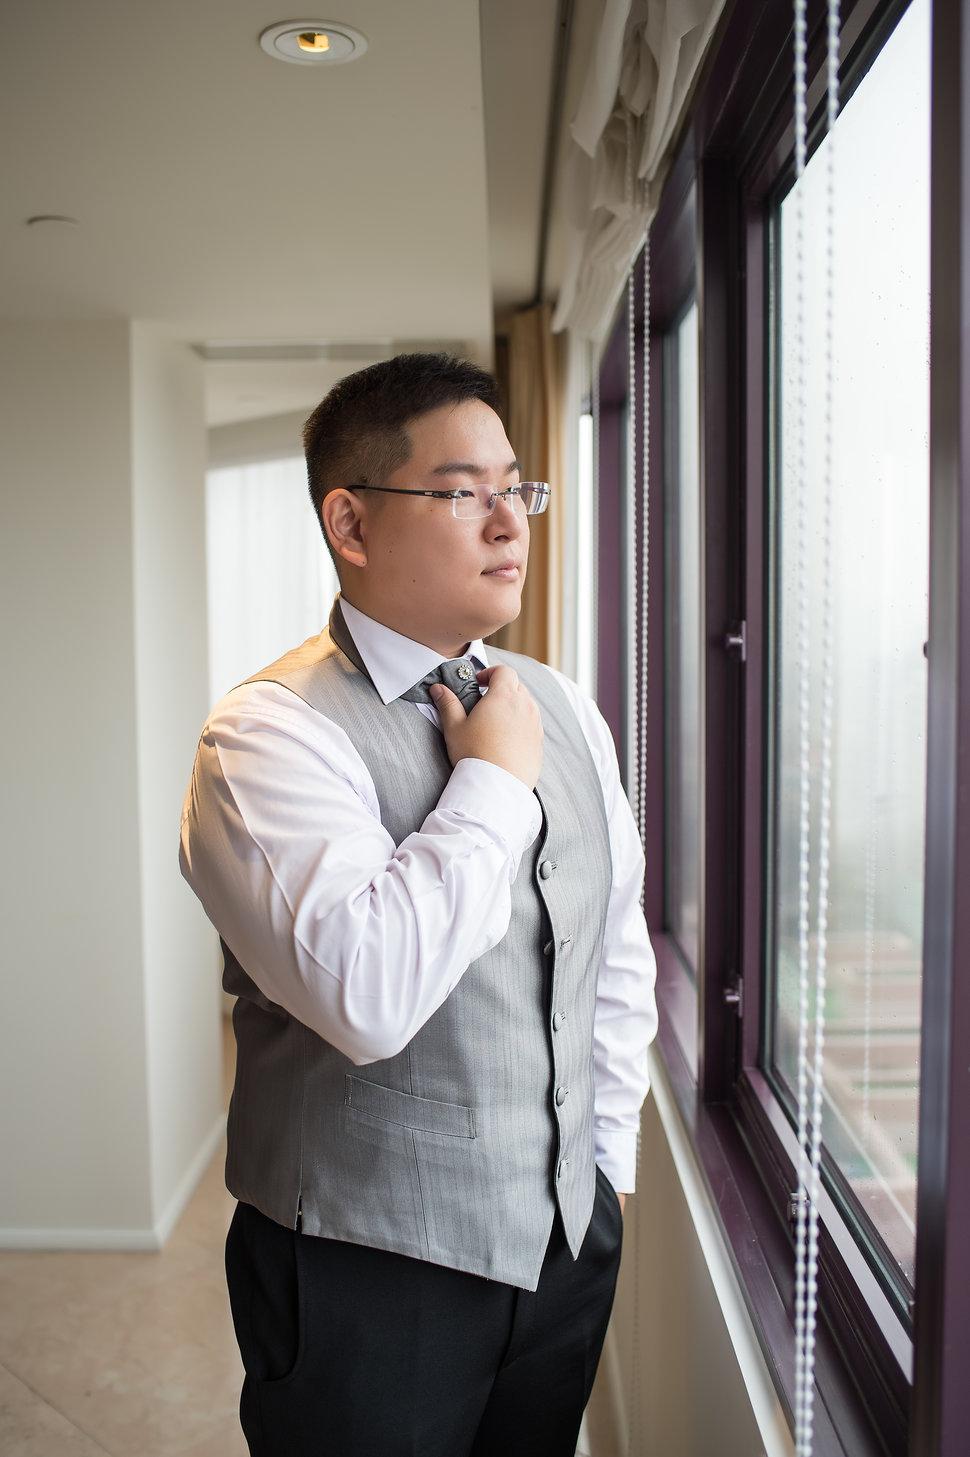 [台北婚攝] 文定婚禮紀錄 台北君悅酒店(編號:432005) - Allen影像團隊 Love Story - 結婚吧